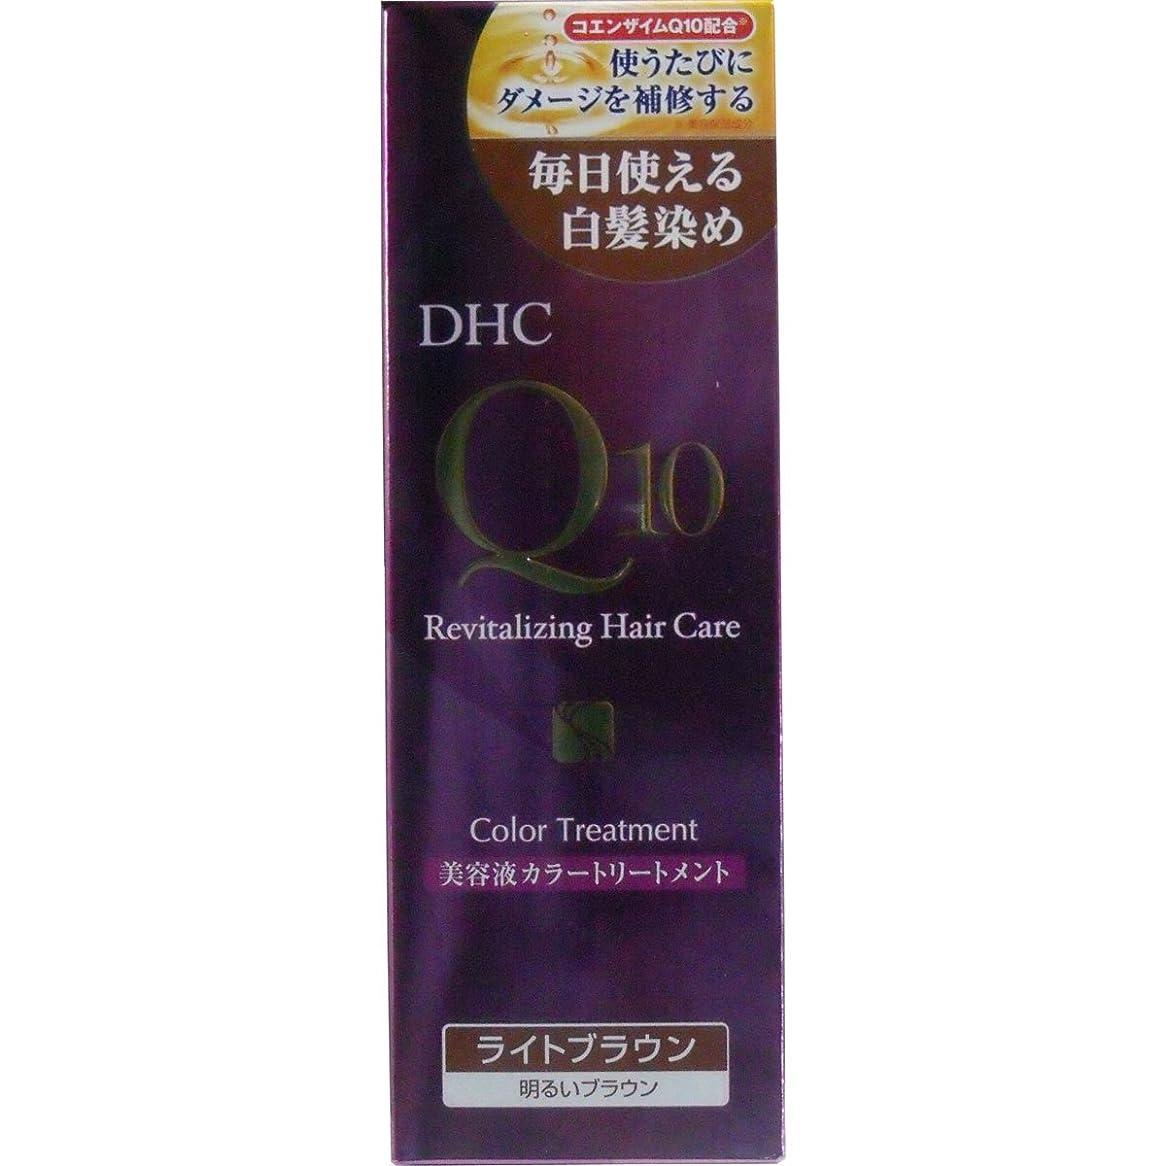 アレルギー化石マリン【DHC】DHC Q10美容液 カラートリートメント SS ライトブラウン 170g